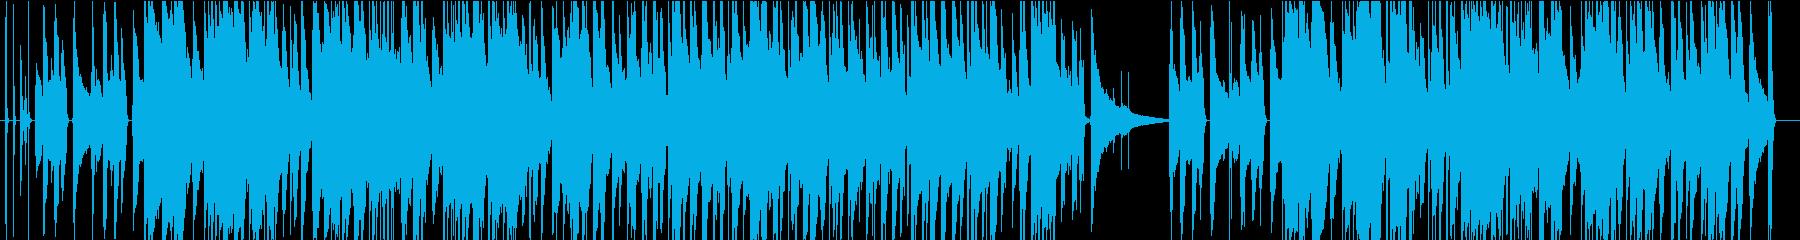 アコギ・ボサノヴァ・落ち着く・シンプルの再生済みの波形